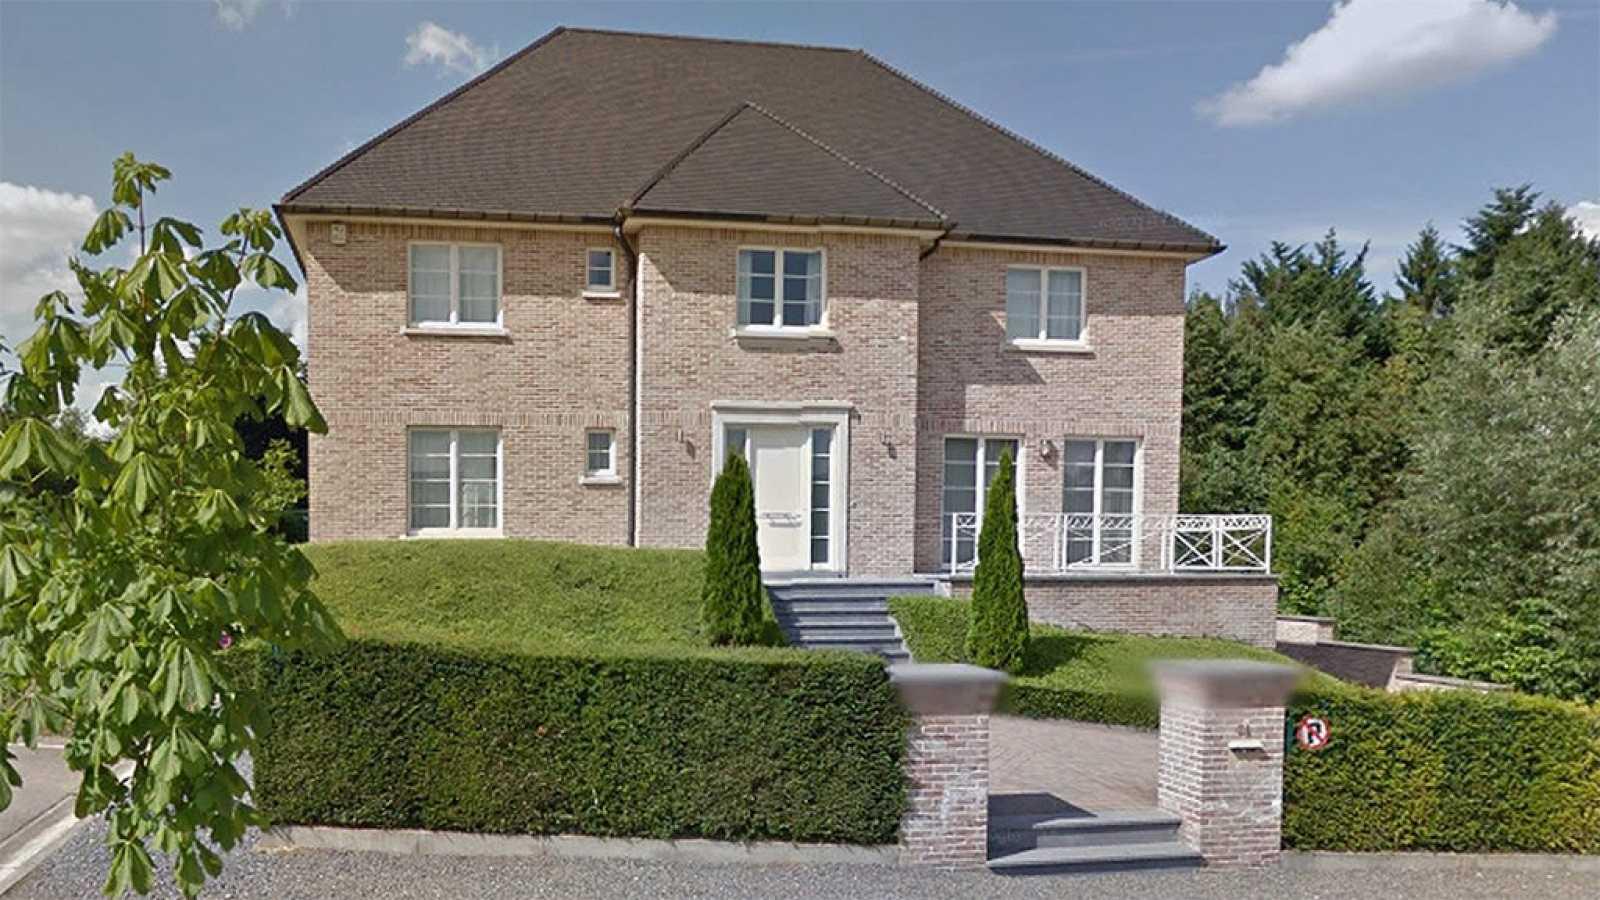 Puigdemont alquila una casa en waterloo b lgica por euros al mes - Alquiler de casas en logrono ...